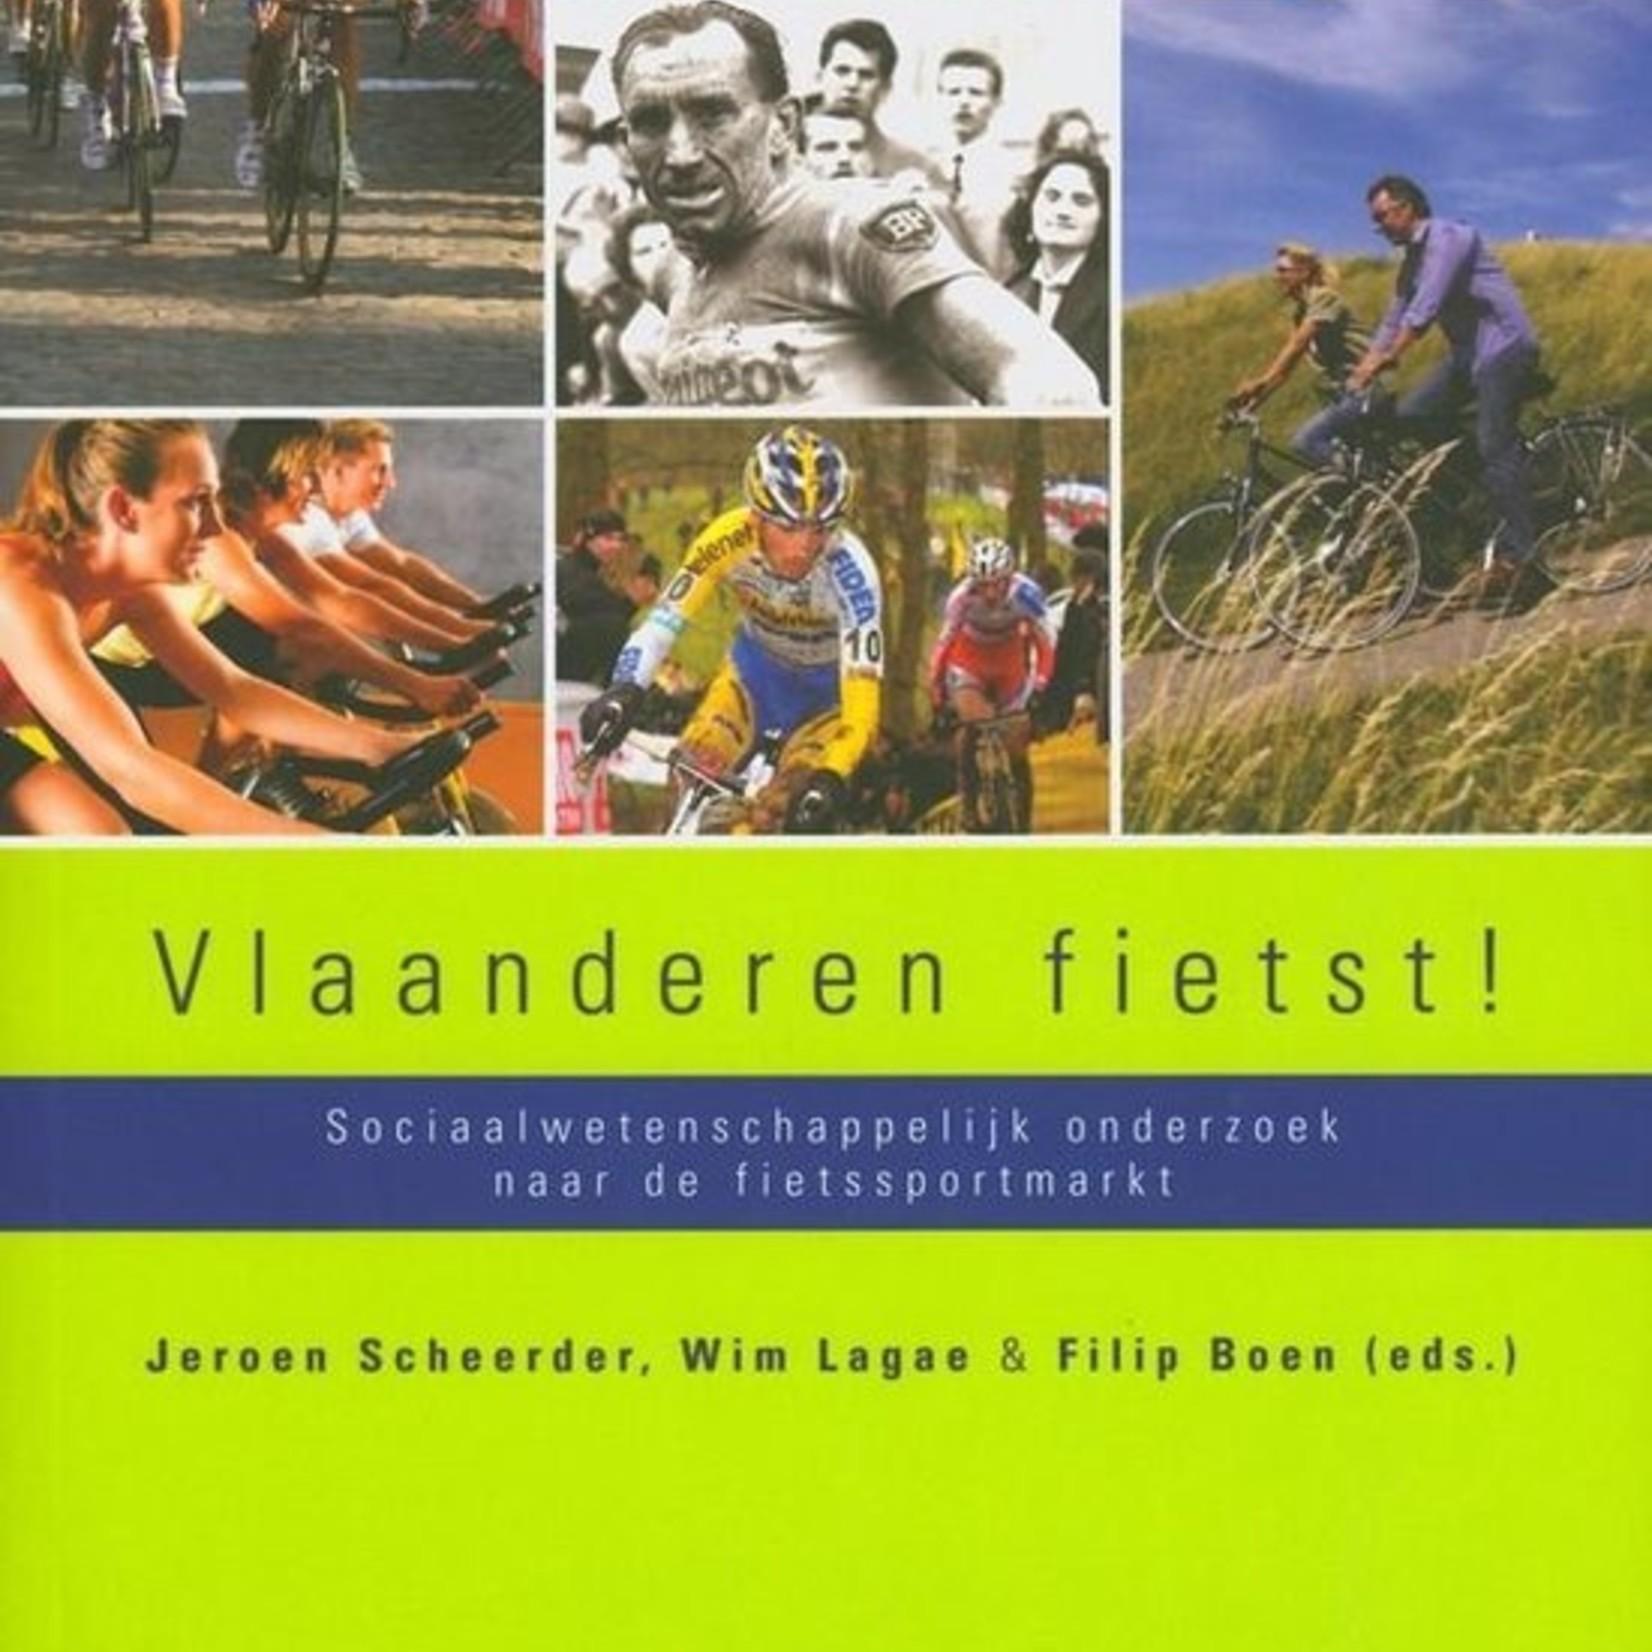 Book 'Vlaanderen fietst!' (NED)